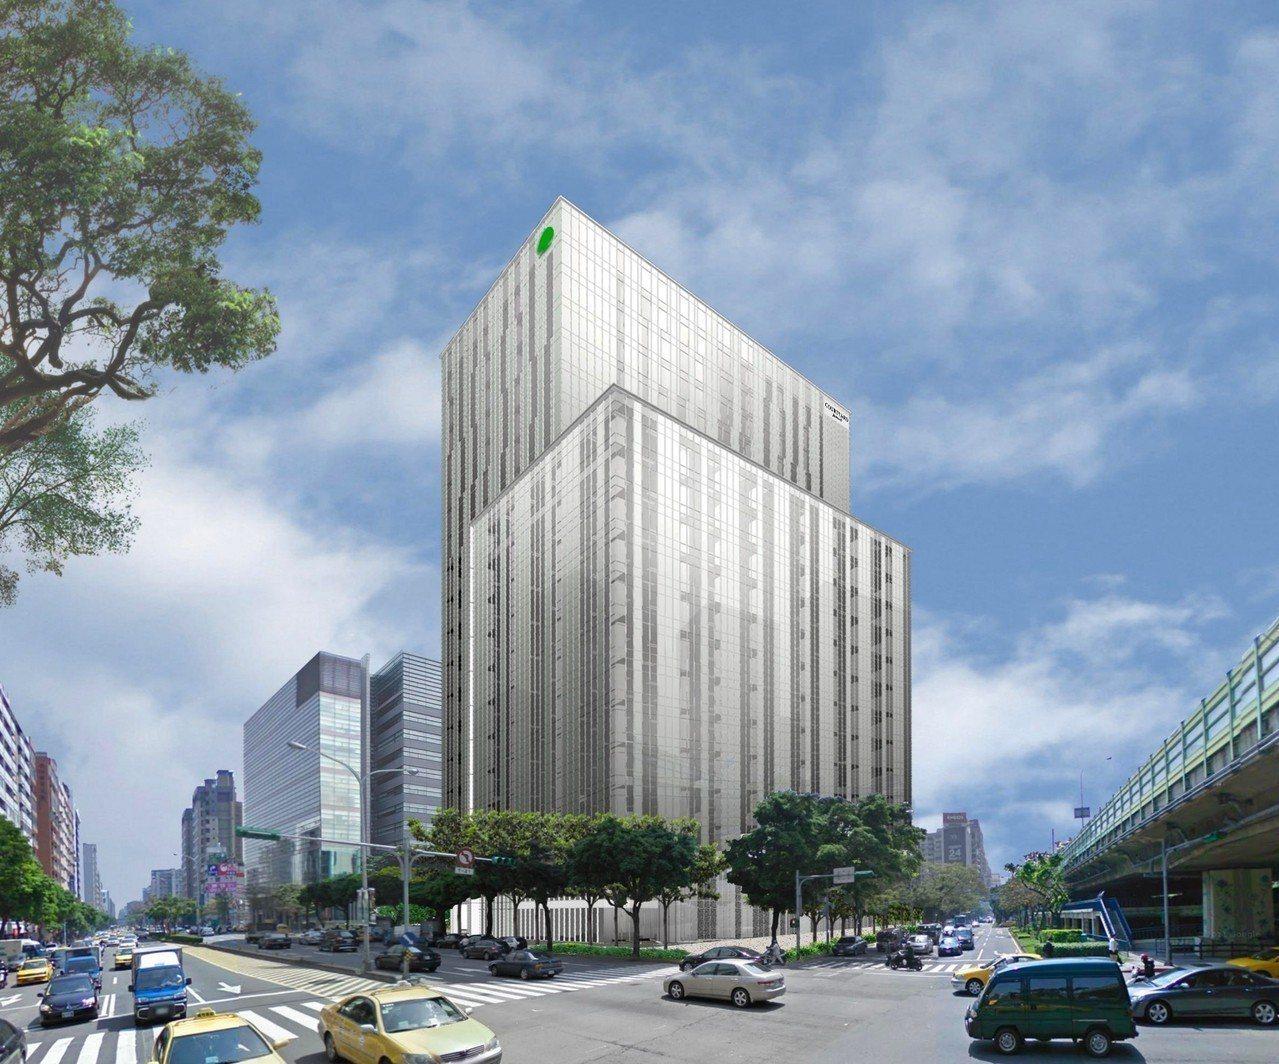 台北(國泰)萬怡酒店外觀示意圖。 圖/國泰商旅提供